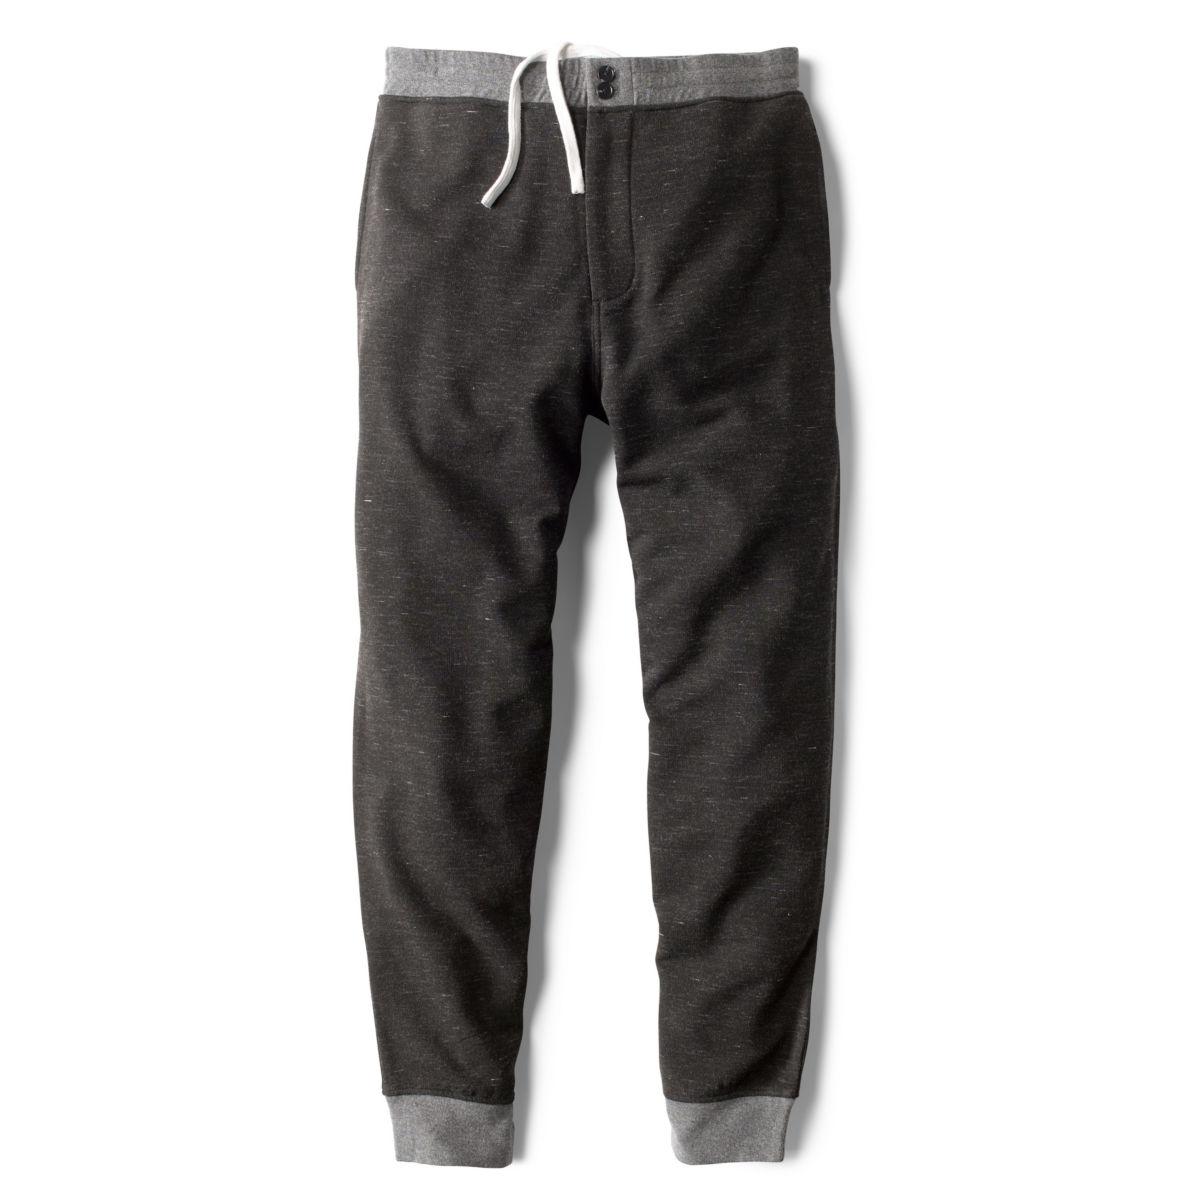 Sunriser Drawstring Pants - DARK CHARCOALimage number 0